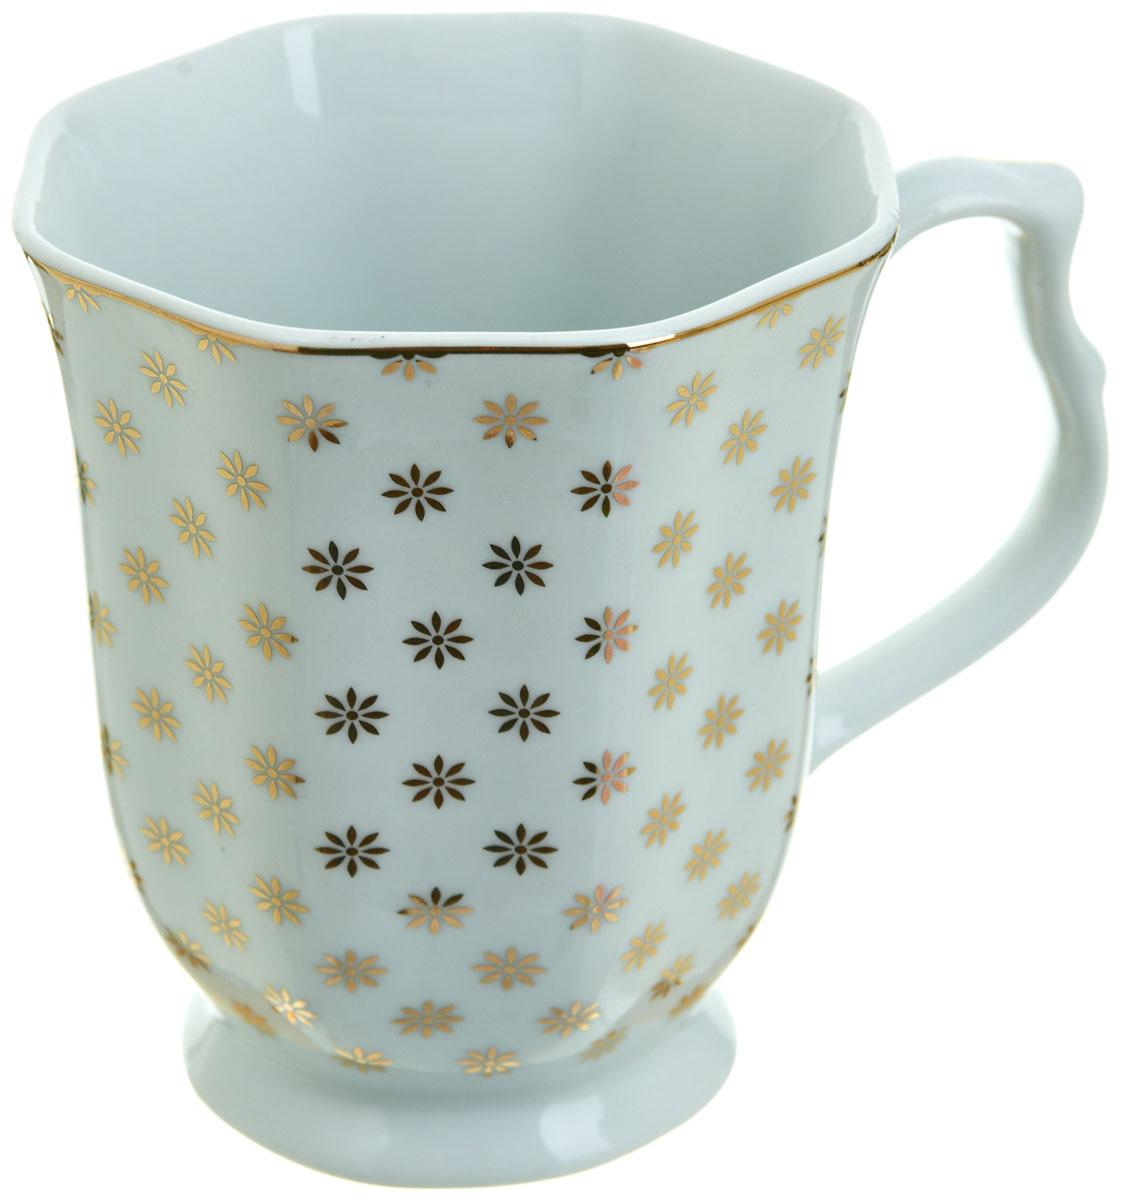 Кружка BHP Золотой каприз, 350 млM1270481Оригинальная кружка Best Home Porcelain, выполненная из высококачественного фарфора, сочетает в себе простой, утонченный дизайн с максимальной функциональностью. Оригинальность оформления придется по вкусу тем, кто ценит индивидуальность. Можно использовать в посудомоечной машине.